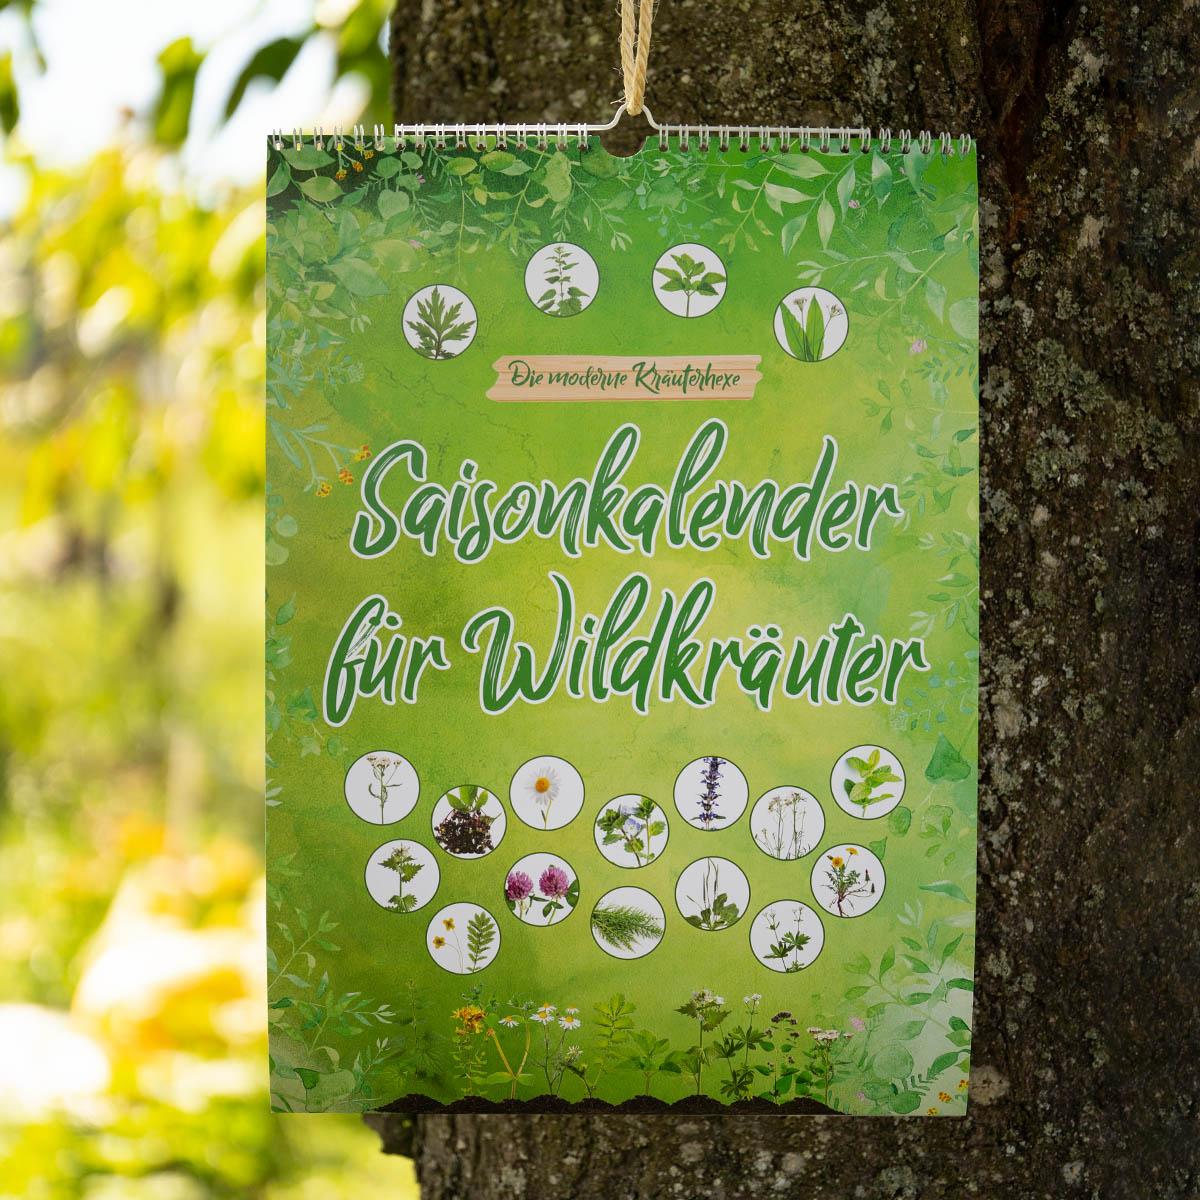 Saisonkalender für Wildkräuter - wann sollte man am besten Wildkräuter sammeln?